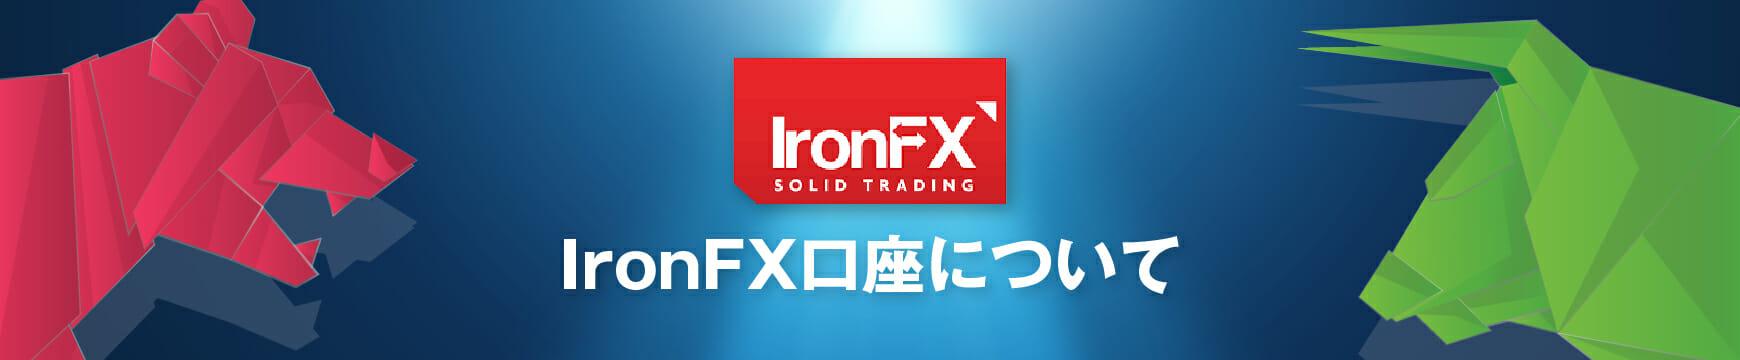 IronFXの口座開設はありかなしか?日本語で徹底解説!